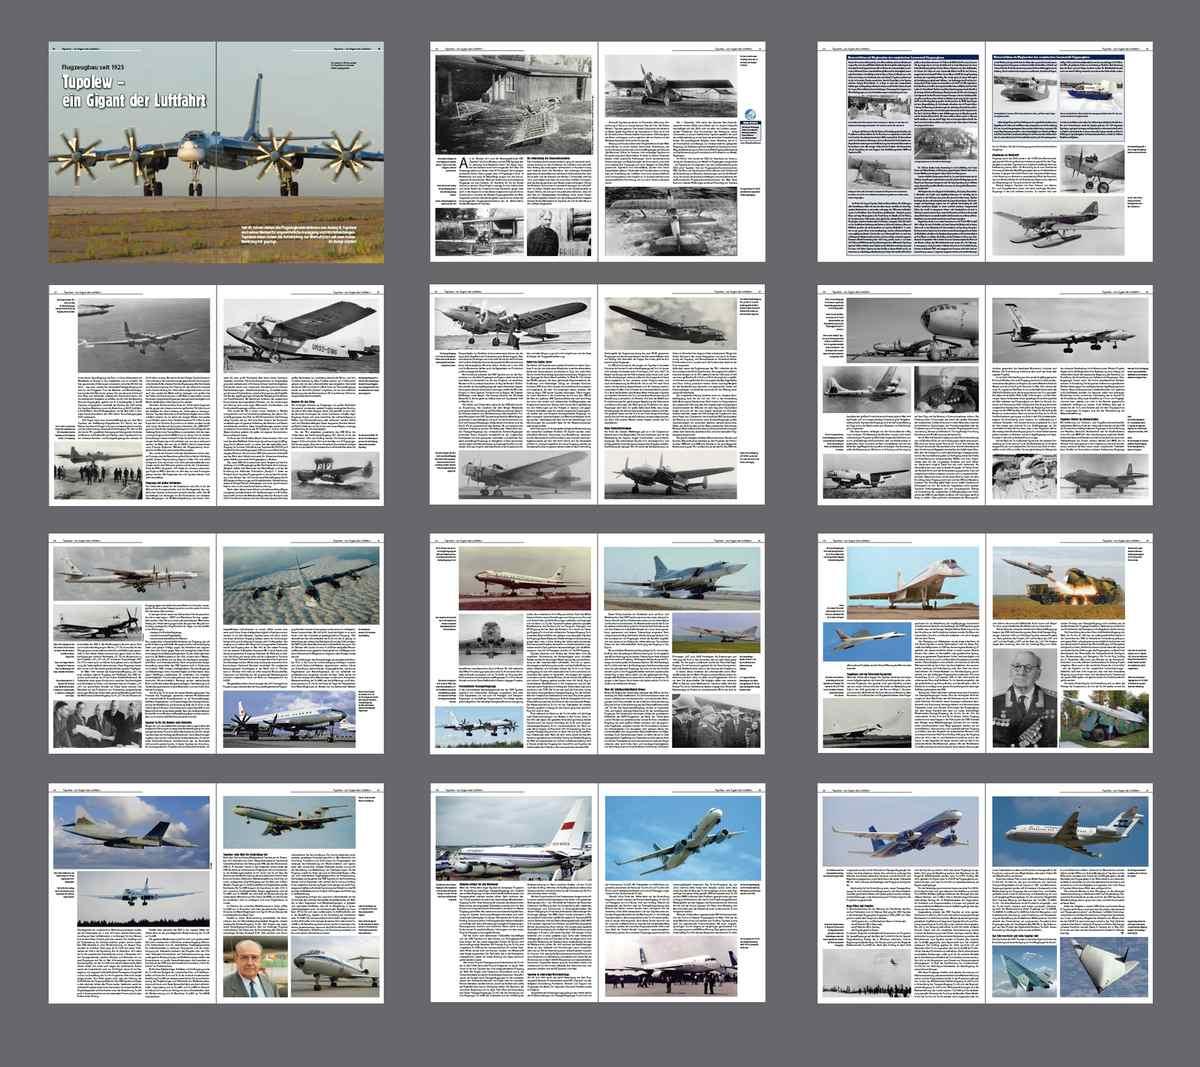 FliegerRevueX-Nr.-65-Tupolew Die neue Flieger Revue X ist da!